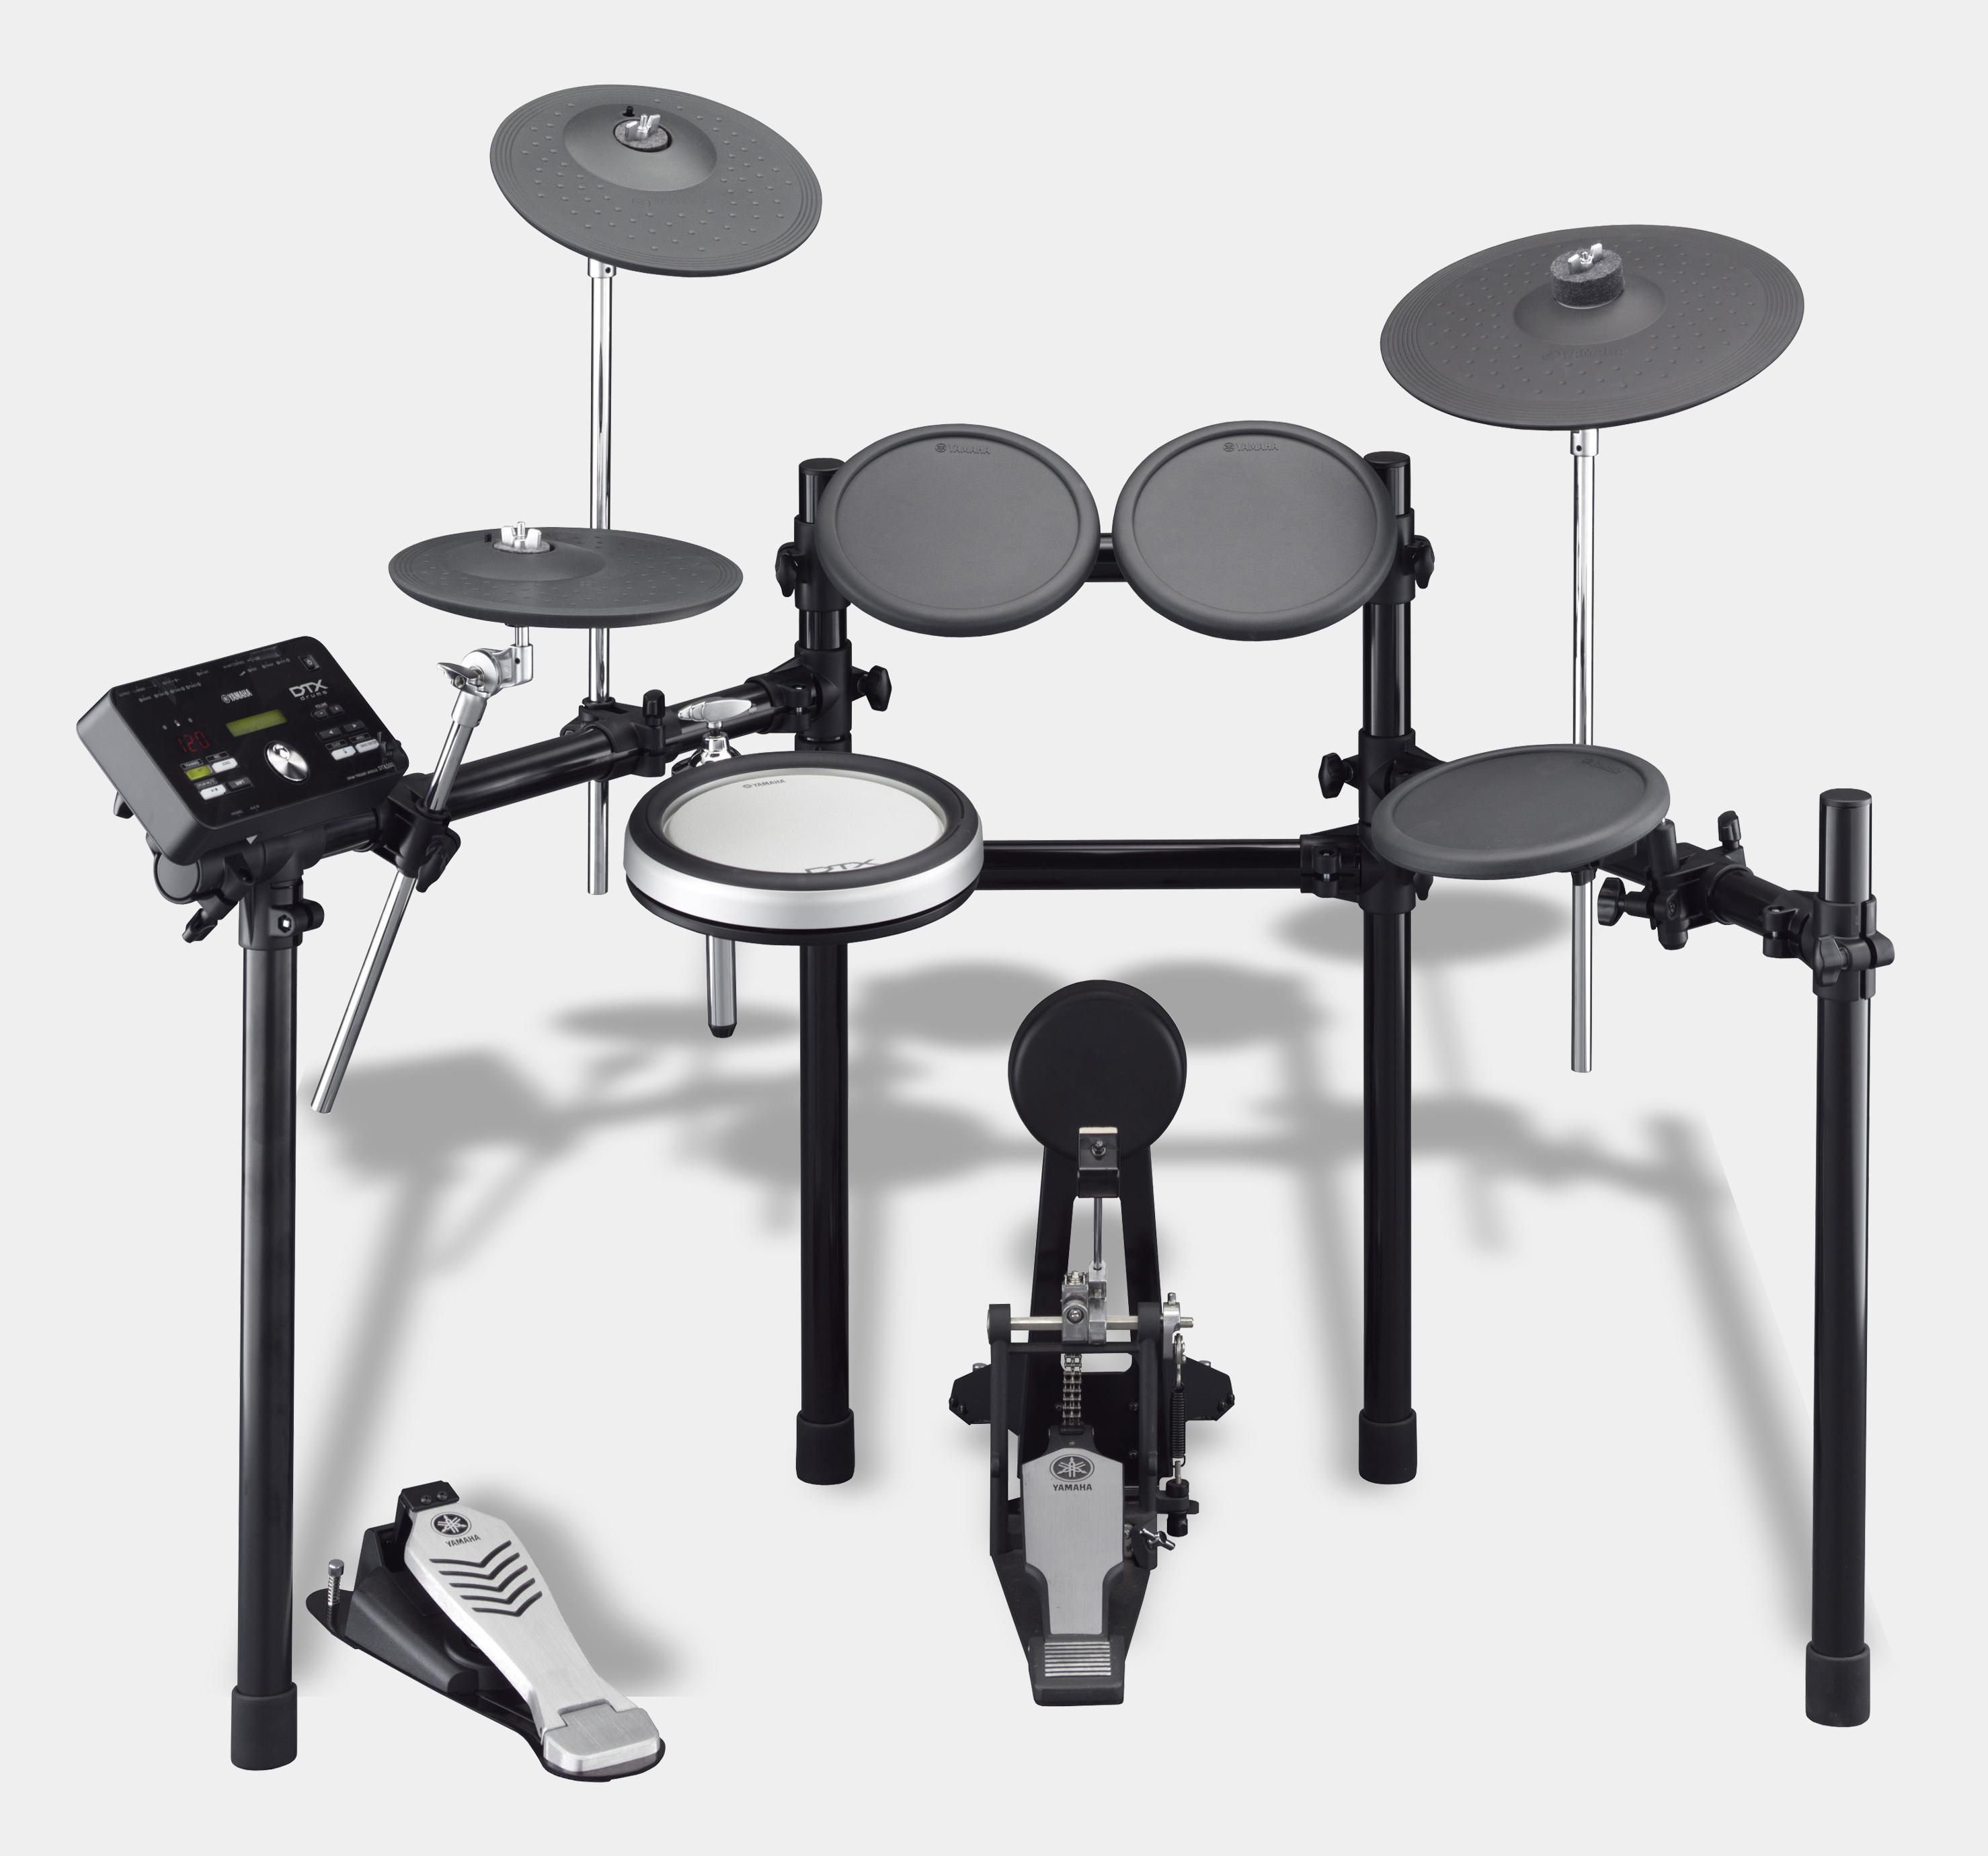 yamaha dtx522k e drum set. Black Bedroom Furniture Sets. Home Design Ideas